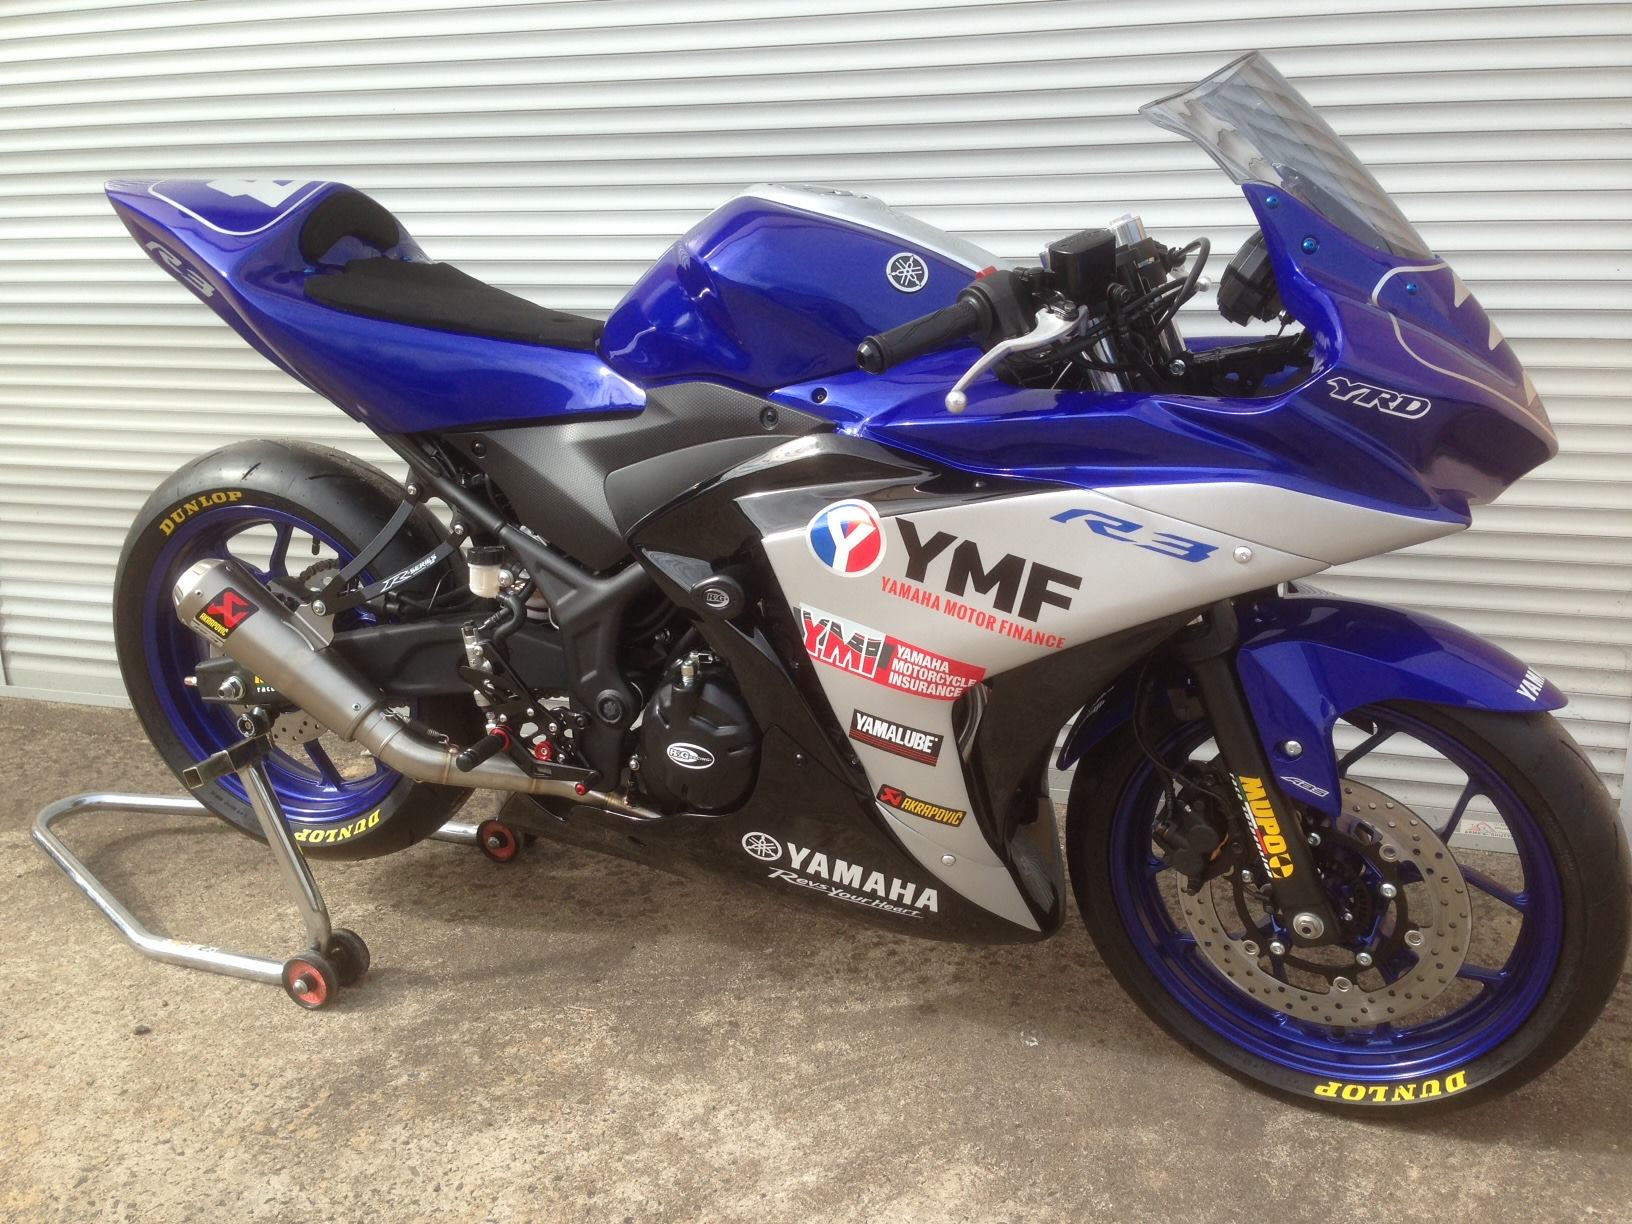 Yamaha YZF-R3 Cup Bike